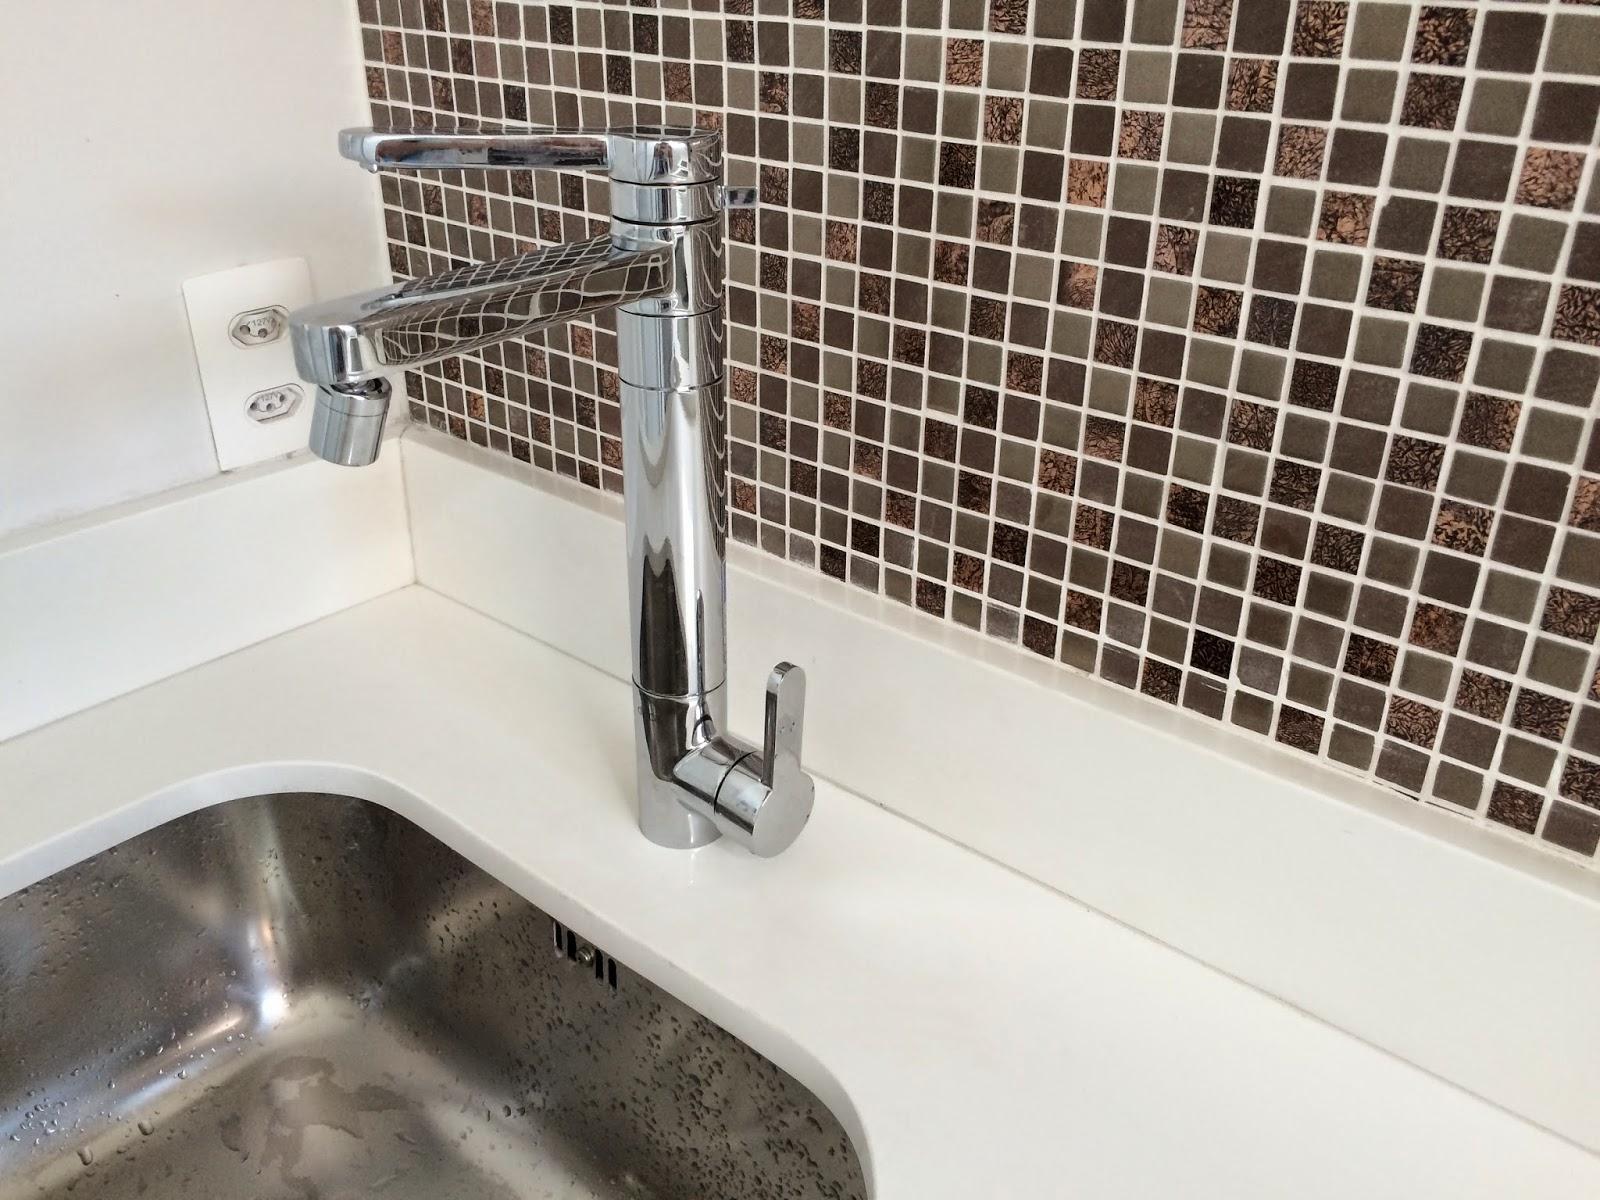 Apê 114: Torneira da cozinha instalada! #41342C 1600 1200